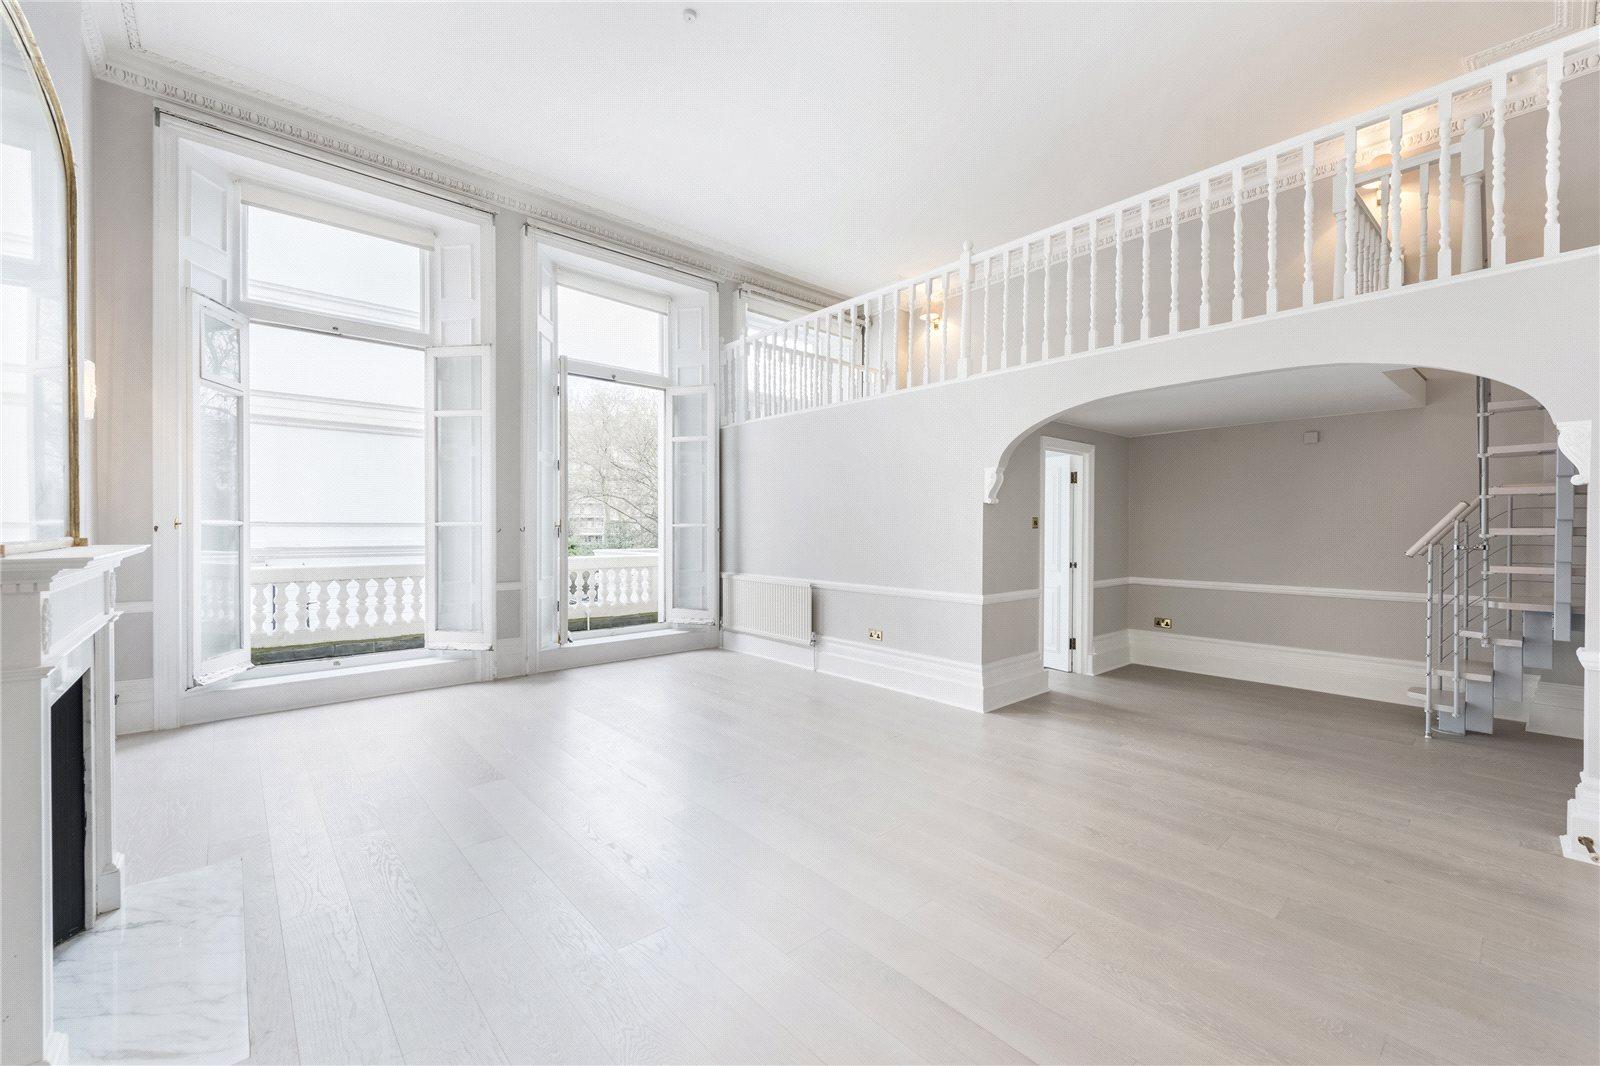 公寓 為 出售 在 Queen's Gate Gardens, South Kensington, London, SW7 South Kensington, London, 英格蘭